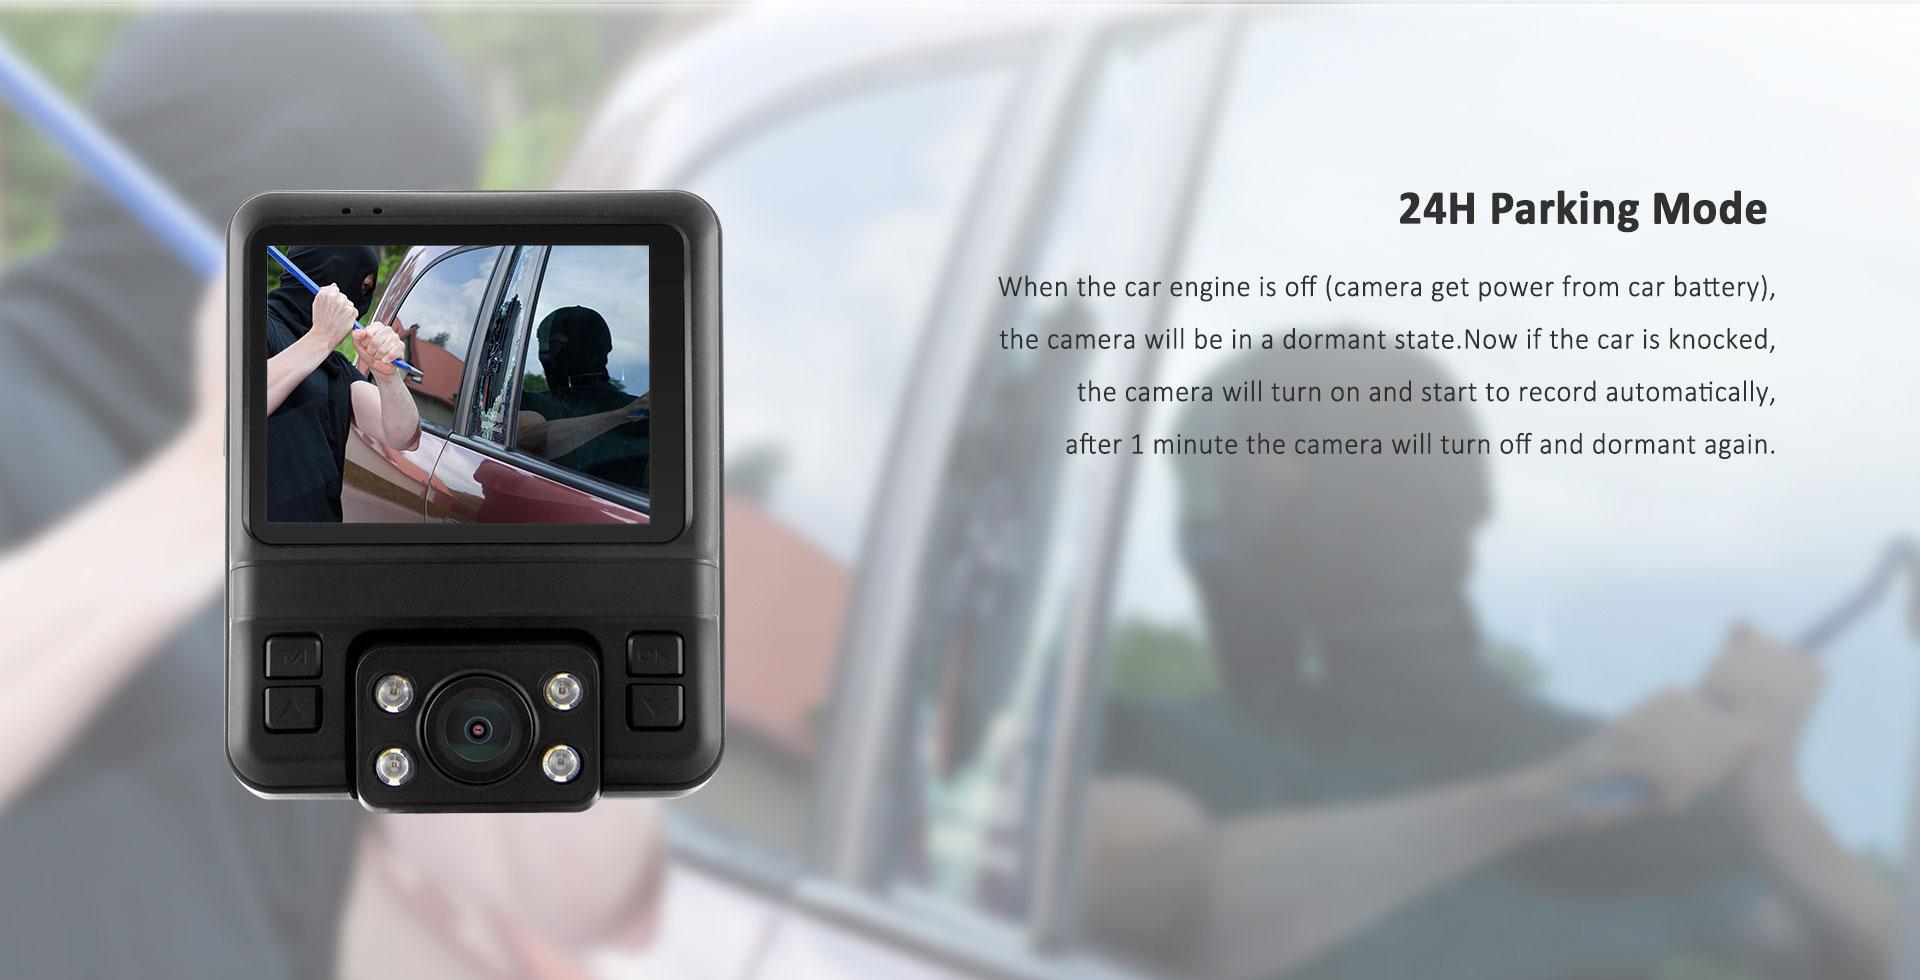 מצלמת דרך עם עדשה פנימית וחיצונית HD עם GPS מותג TAXIBOX - עם צילום שאינכם ברכב 24 שעות